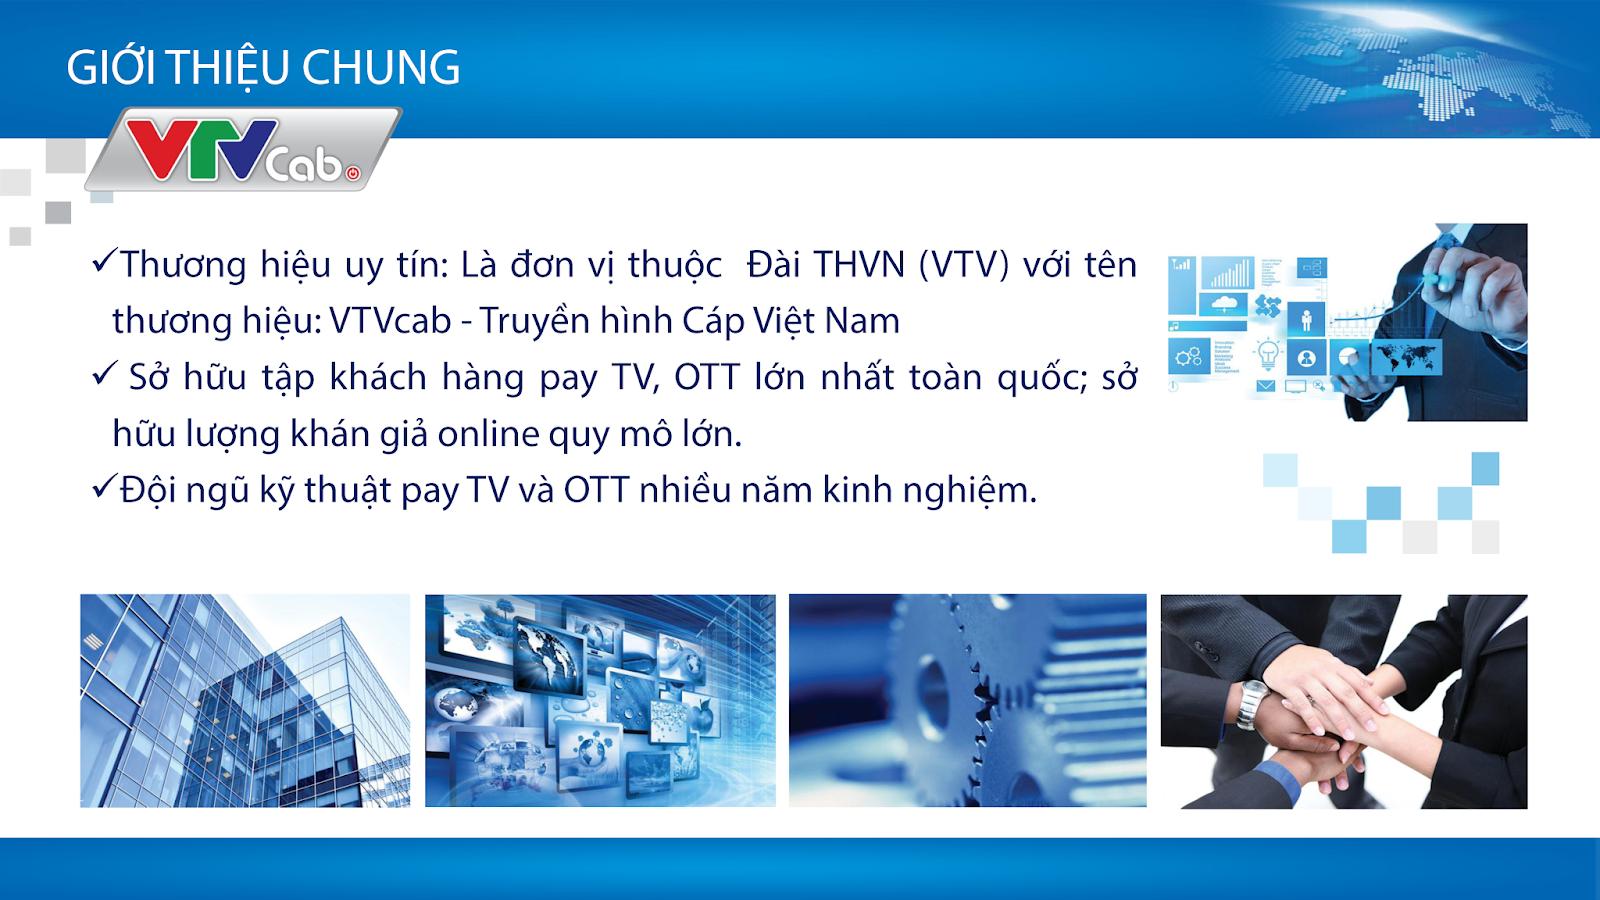 Tổng đài VTVcab HCM: 0888001515